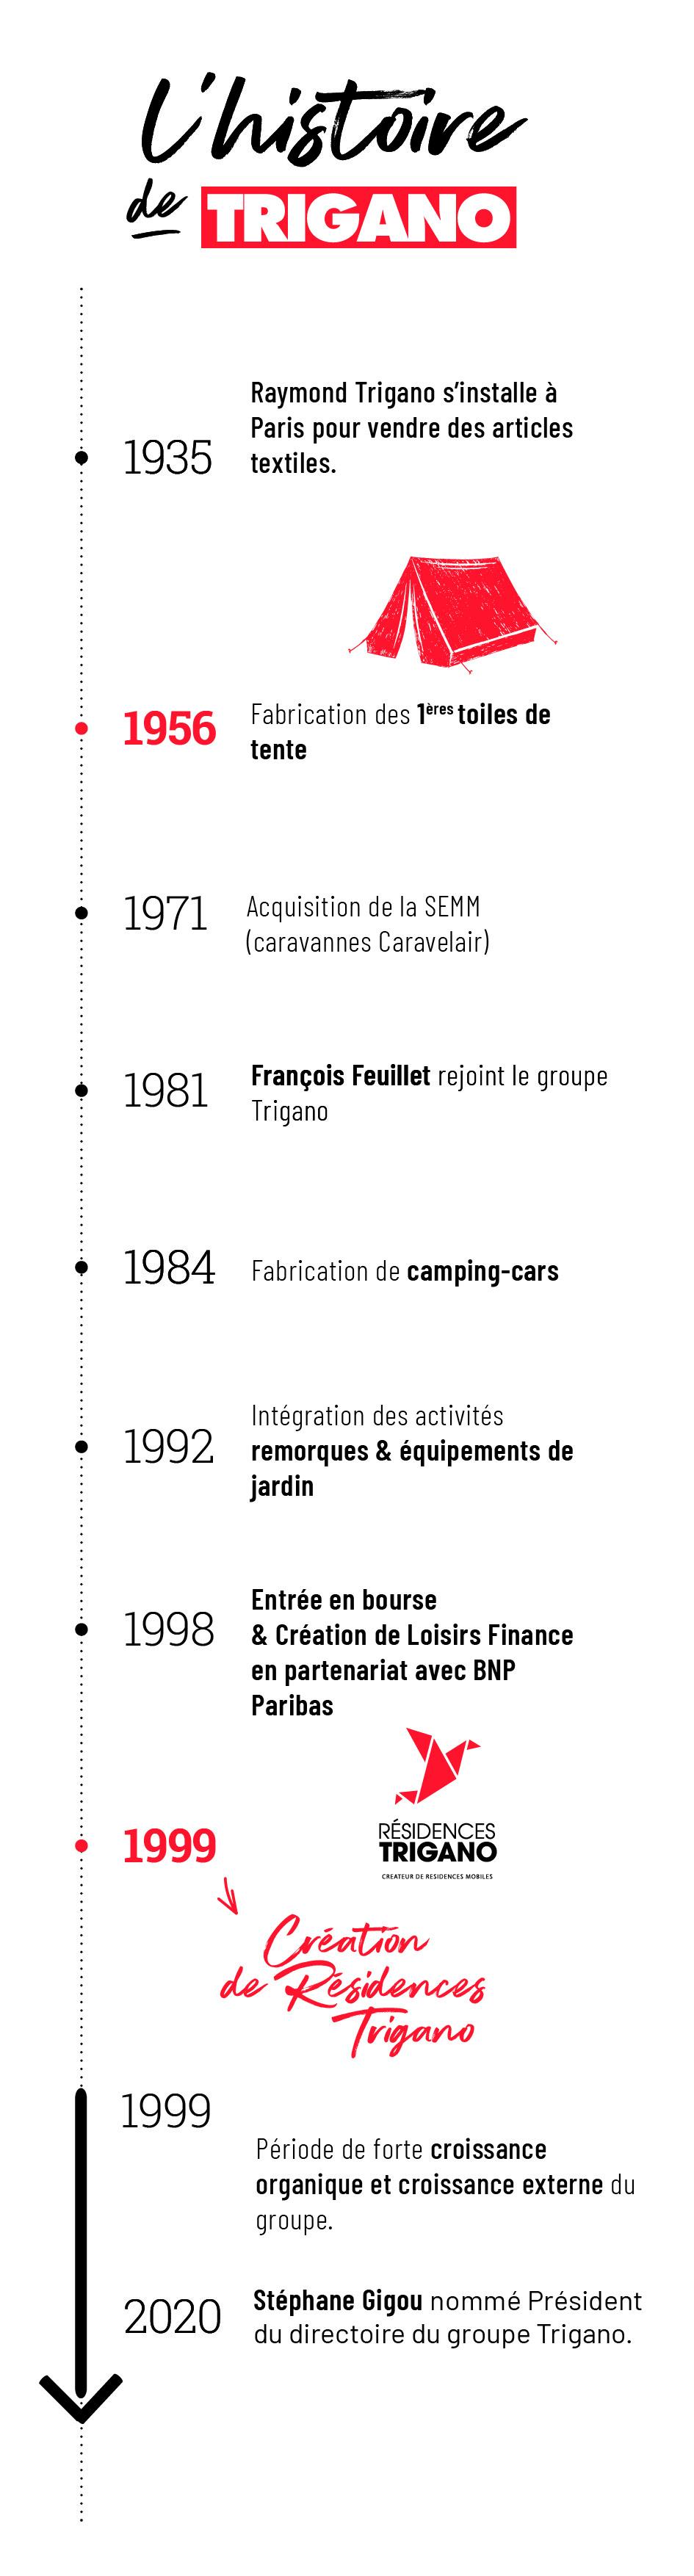 residences trigano-presentation-du-groupe-trigano-histoire-dates